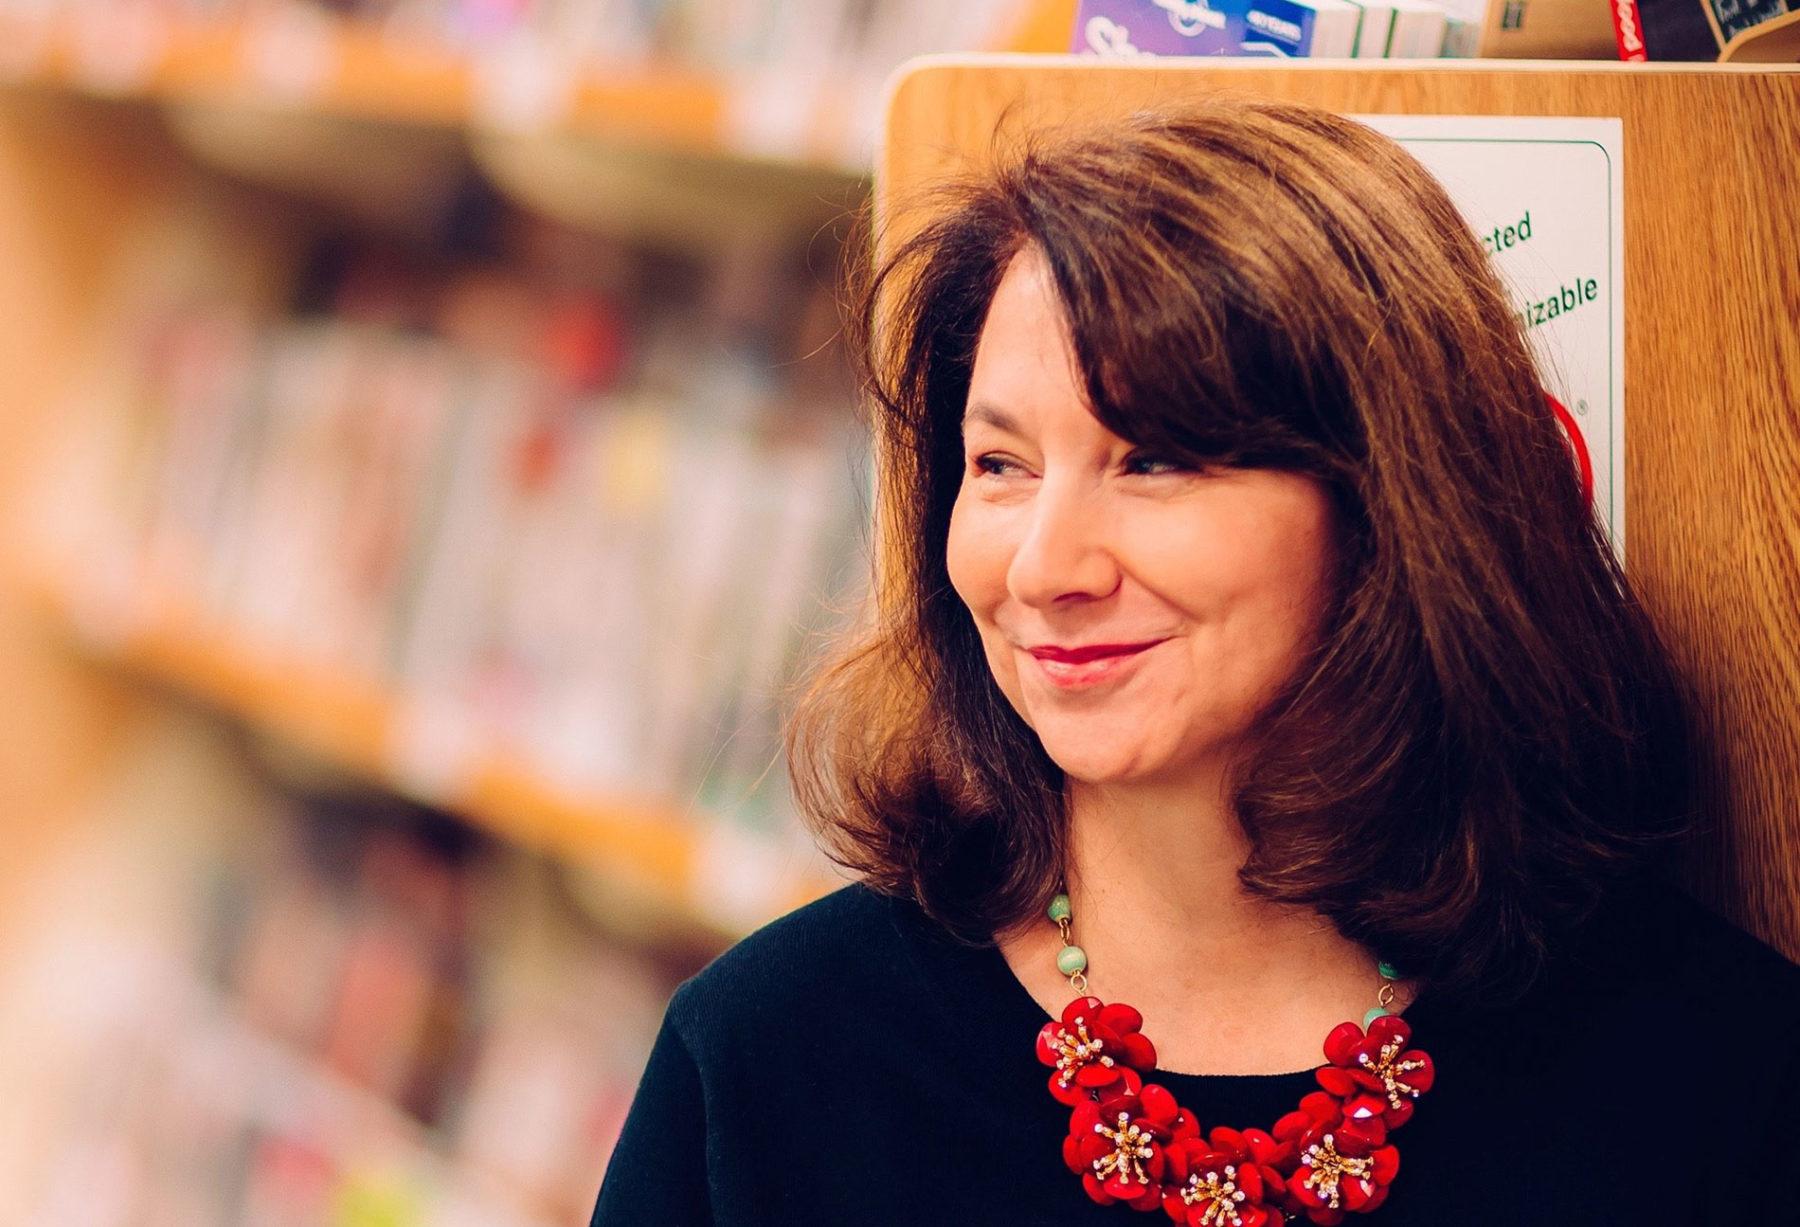 Lisa Poole